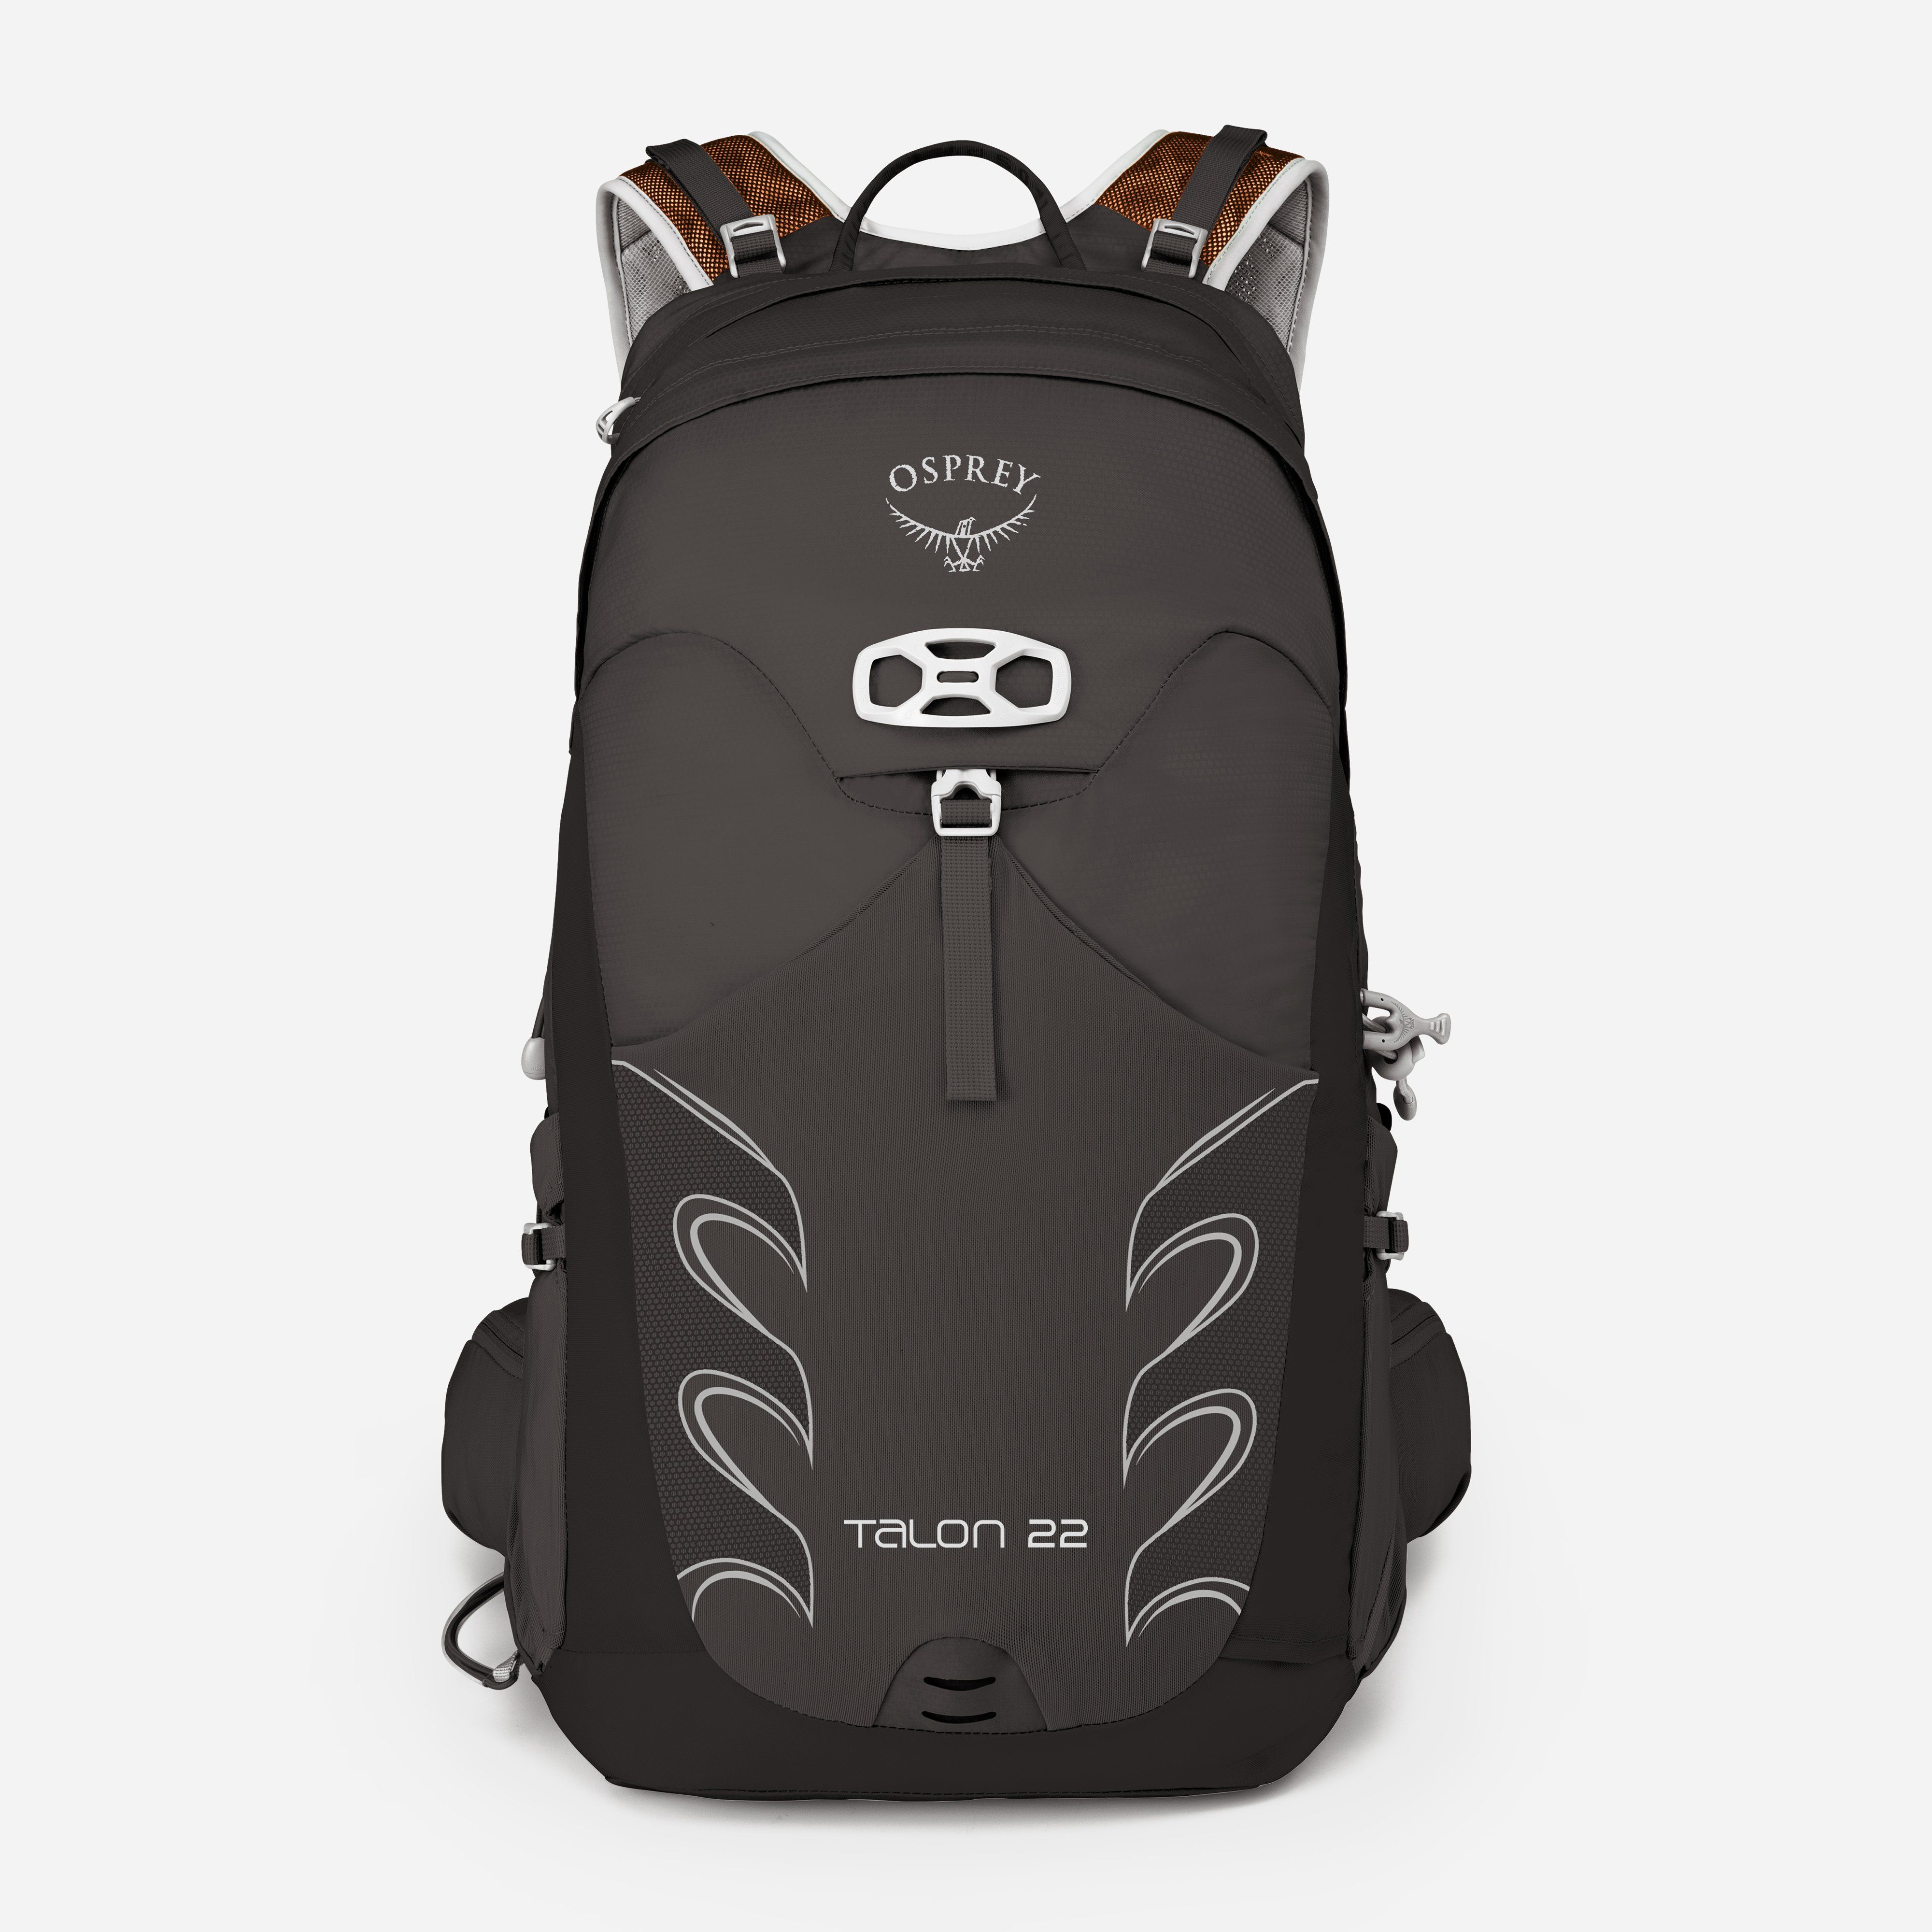 OSPREY Talon 22L Daysack (M/L)